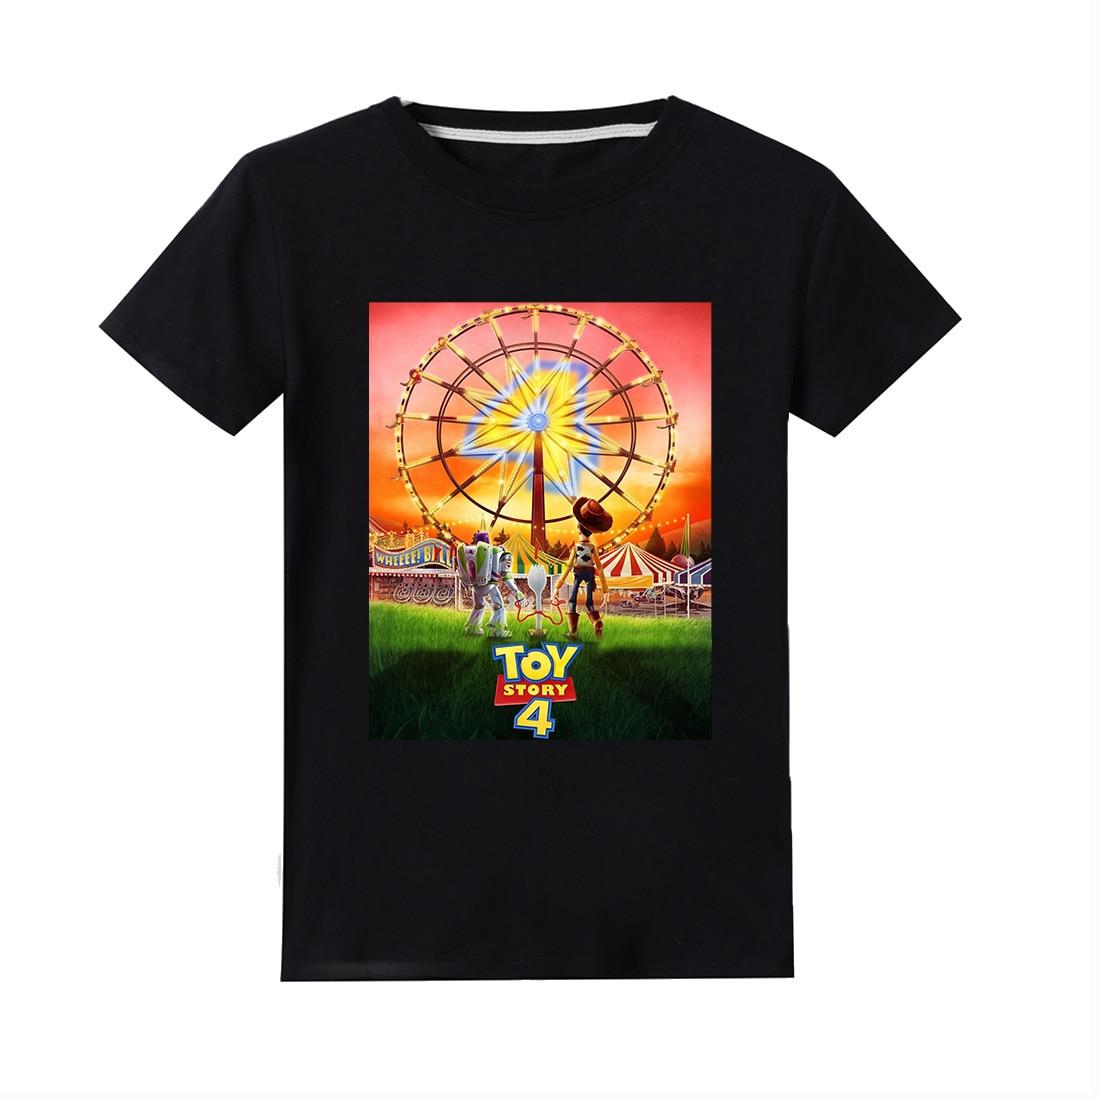 Новая детская футболка из 100% хлопка с героями мультфильма «История игрушек» Детская футболка из хлопка летняя одежда Базз Лайтер/Вуди